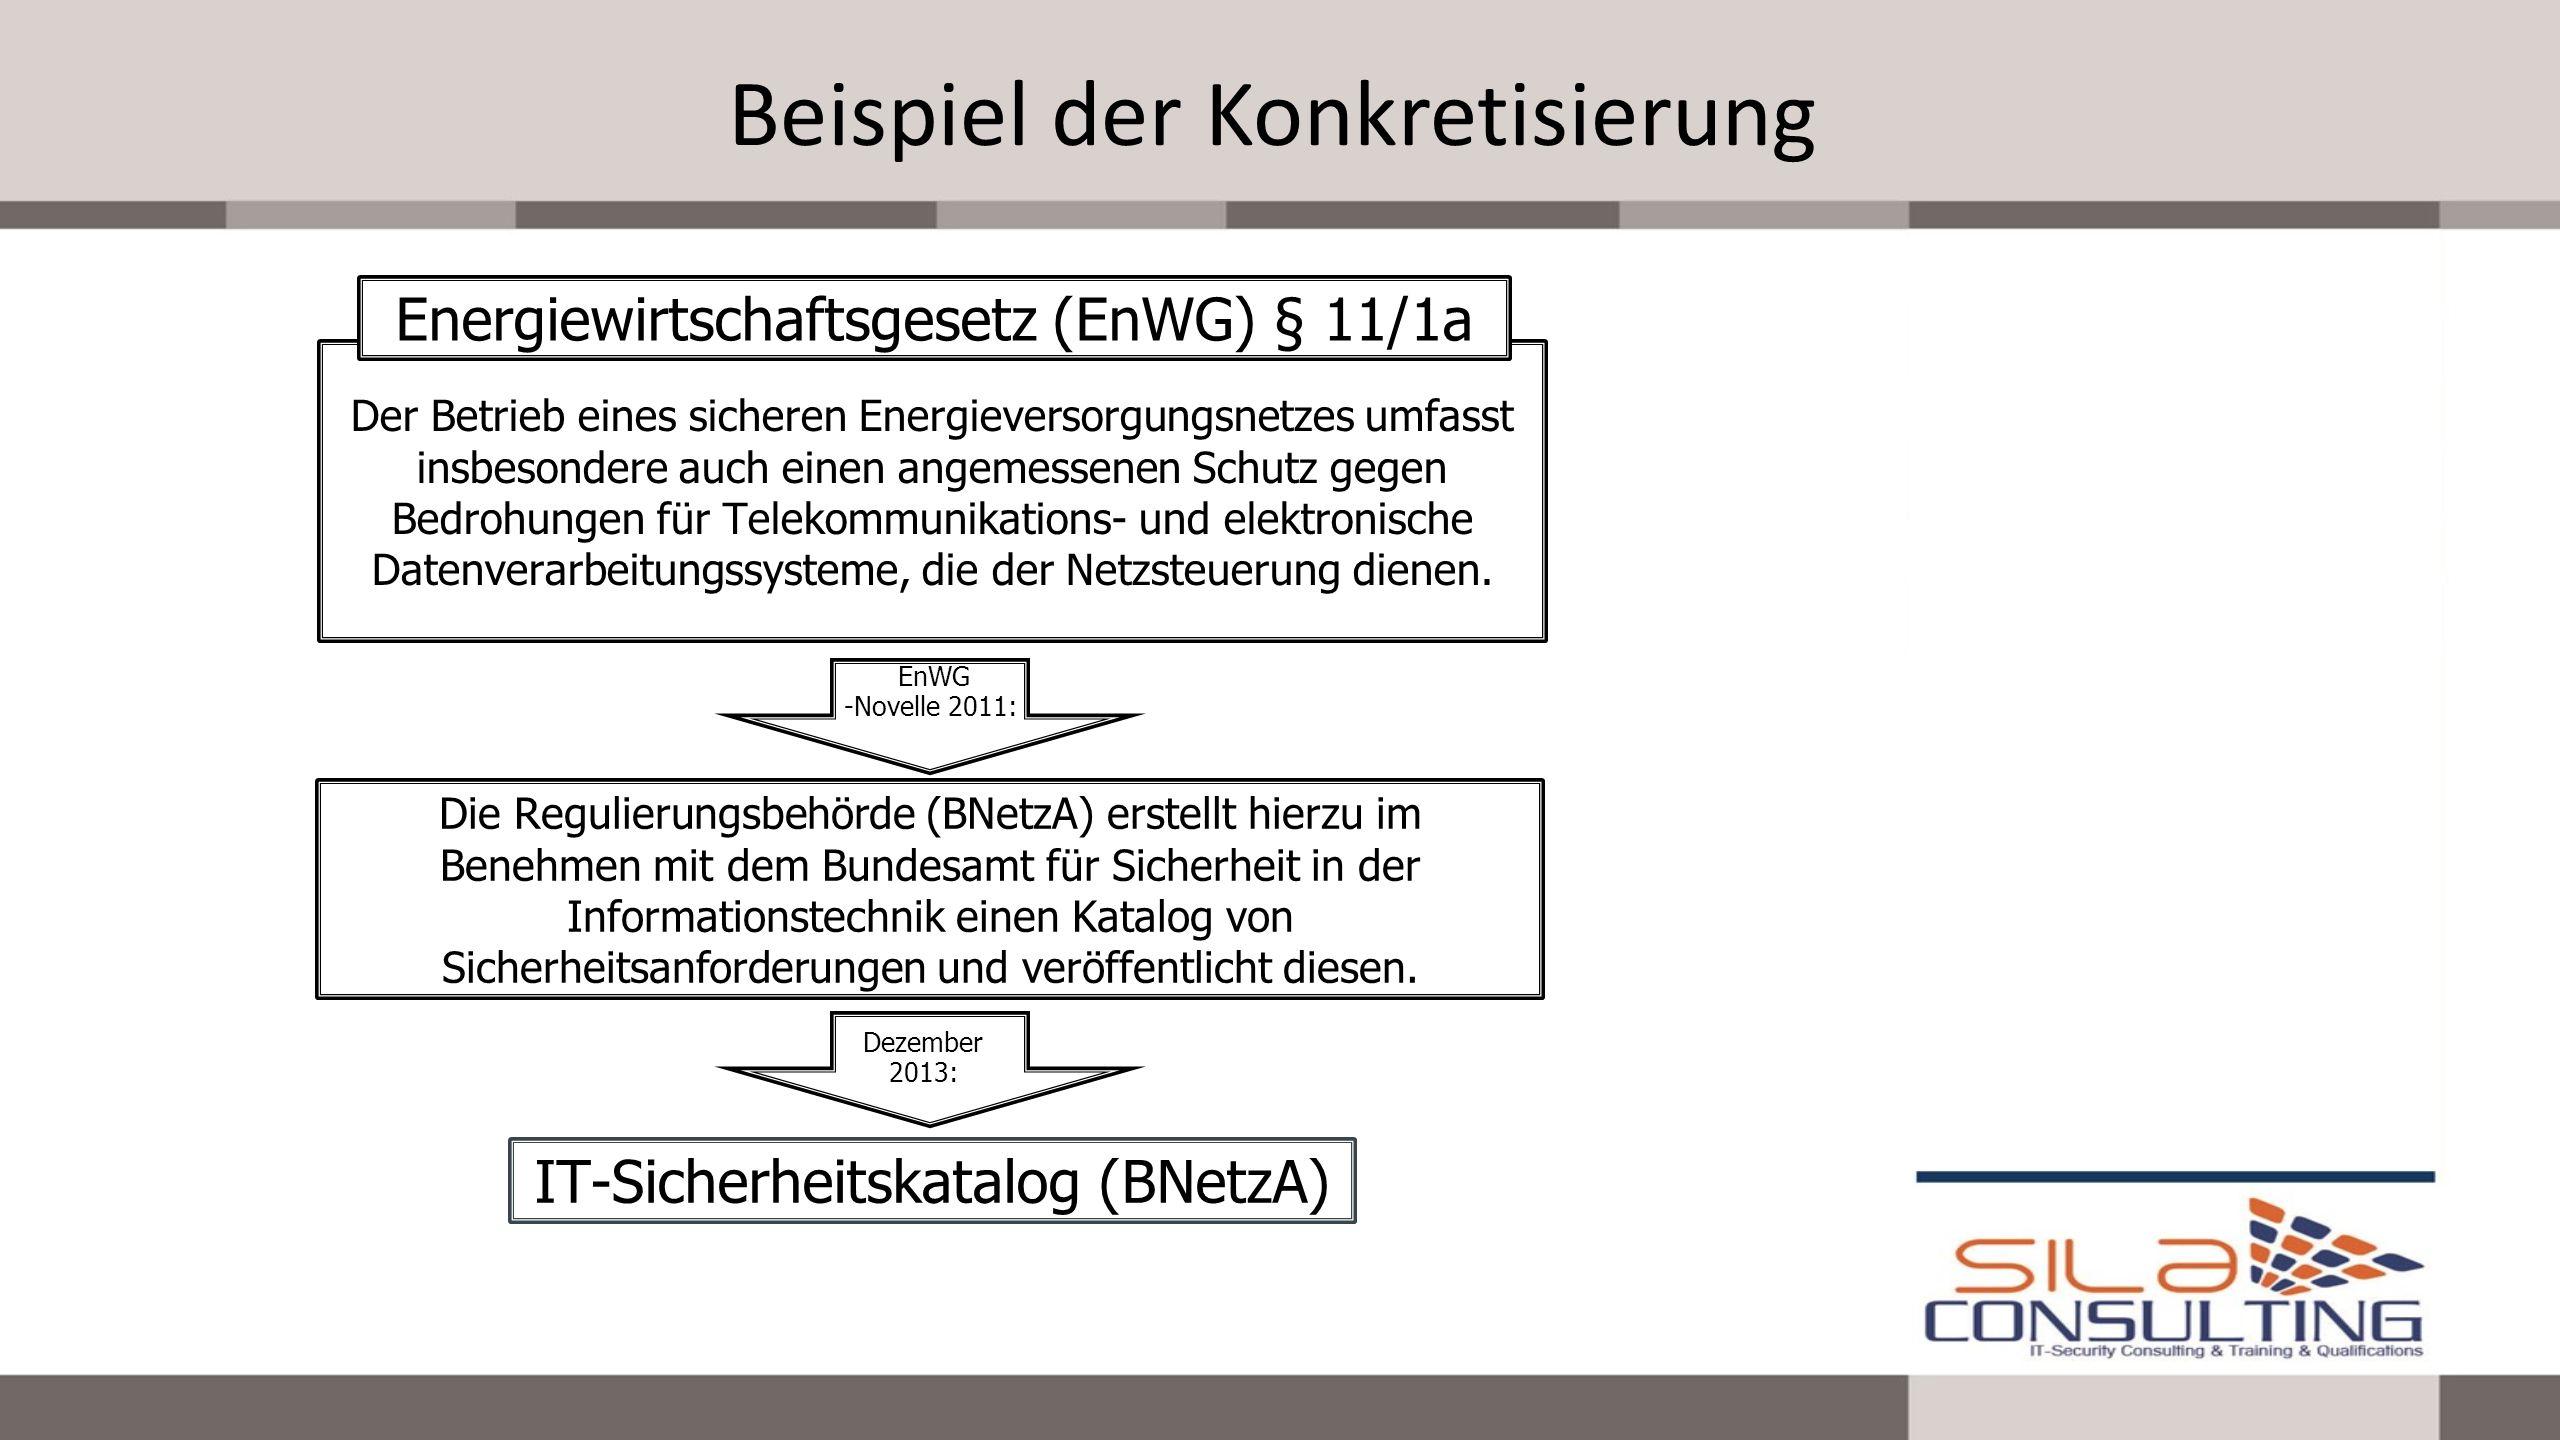 Beispiel der Konkretisierung Der Betrieb eines sicheren Energieversorgungsnetzes umfasst insbesondere auch einen angemessenen Schutz gegen Bedrohungen